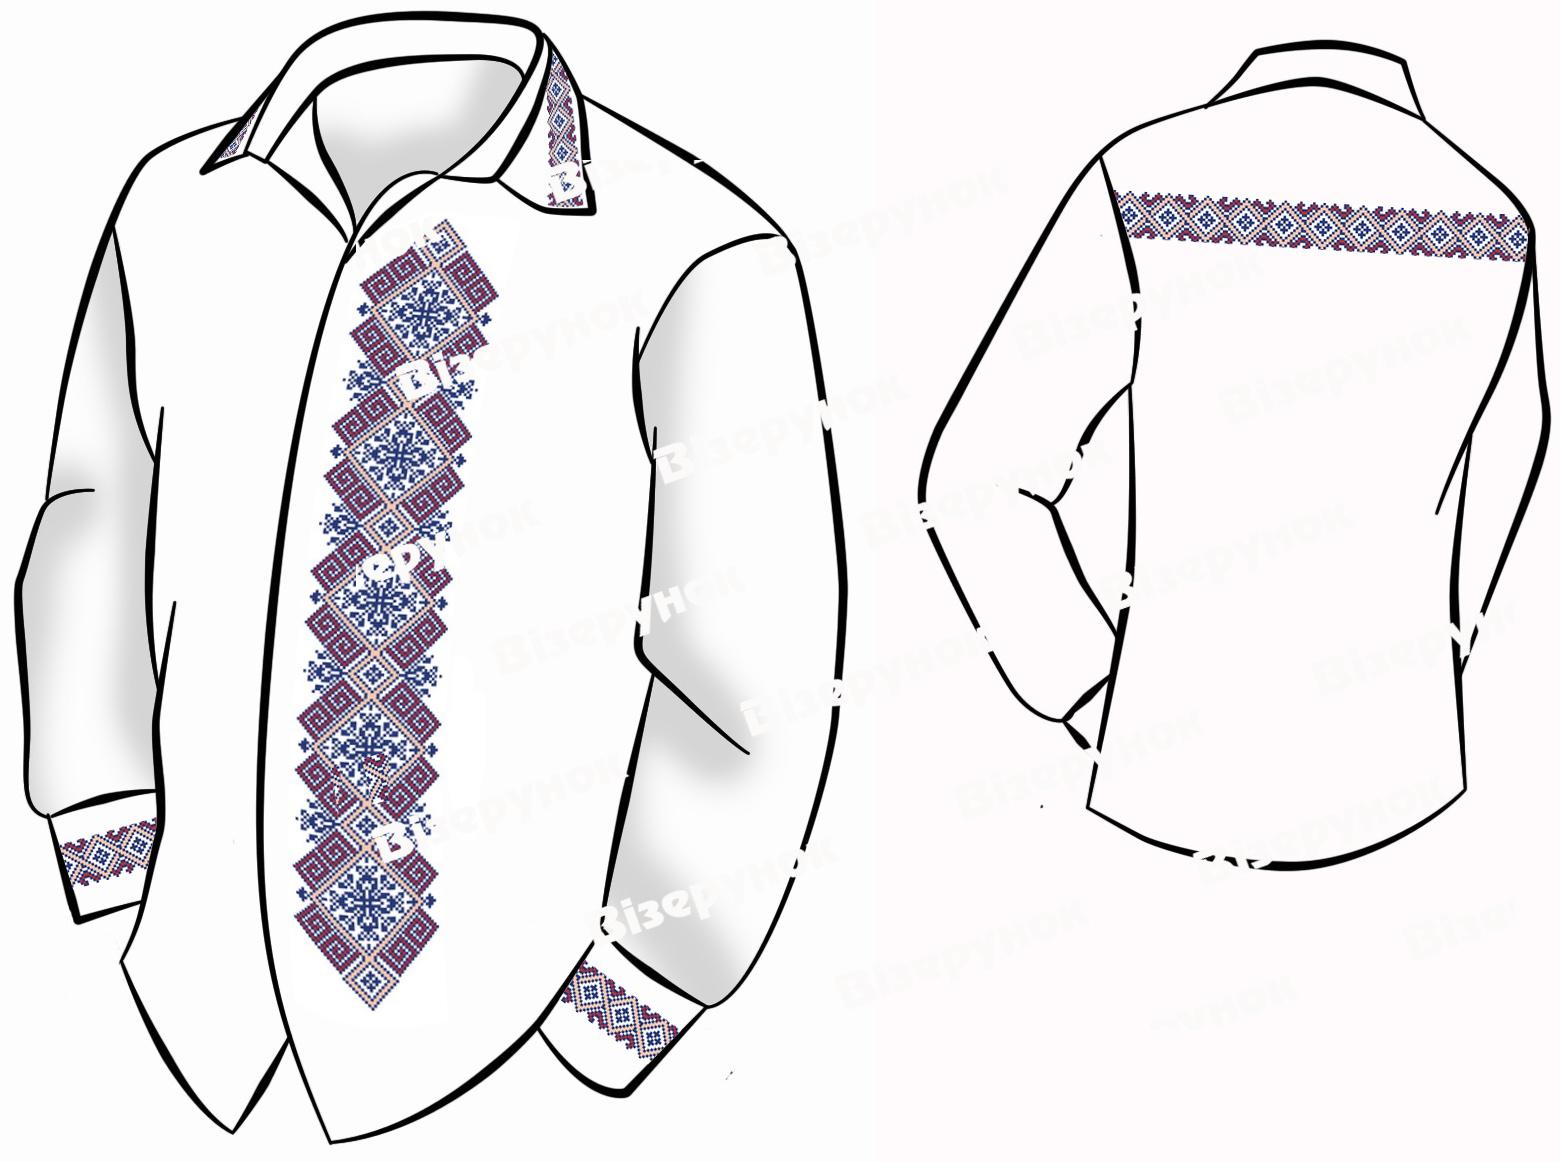 Заготовка для вишивки чоловічих сорочок ВЧ -53 - Товари - Схеми для ... c55e556e9f64c